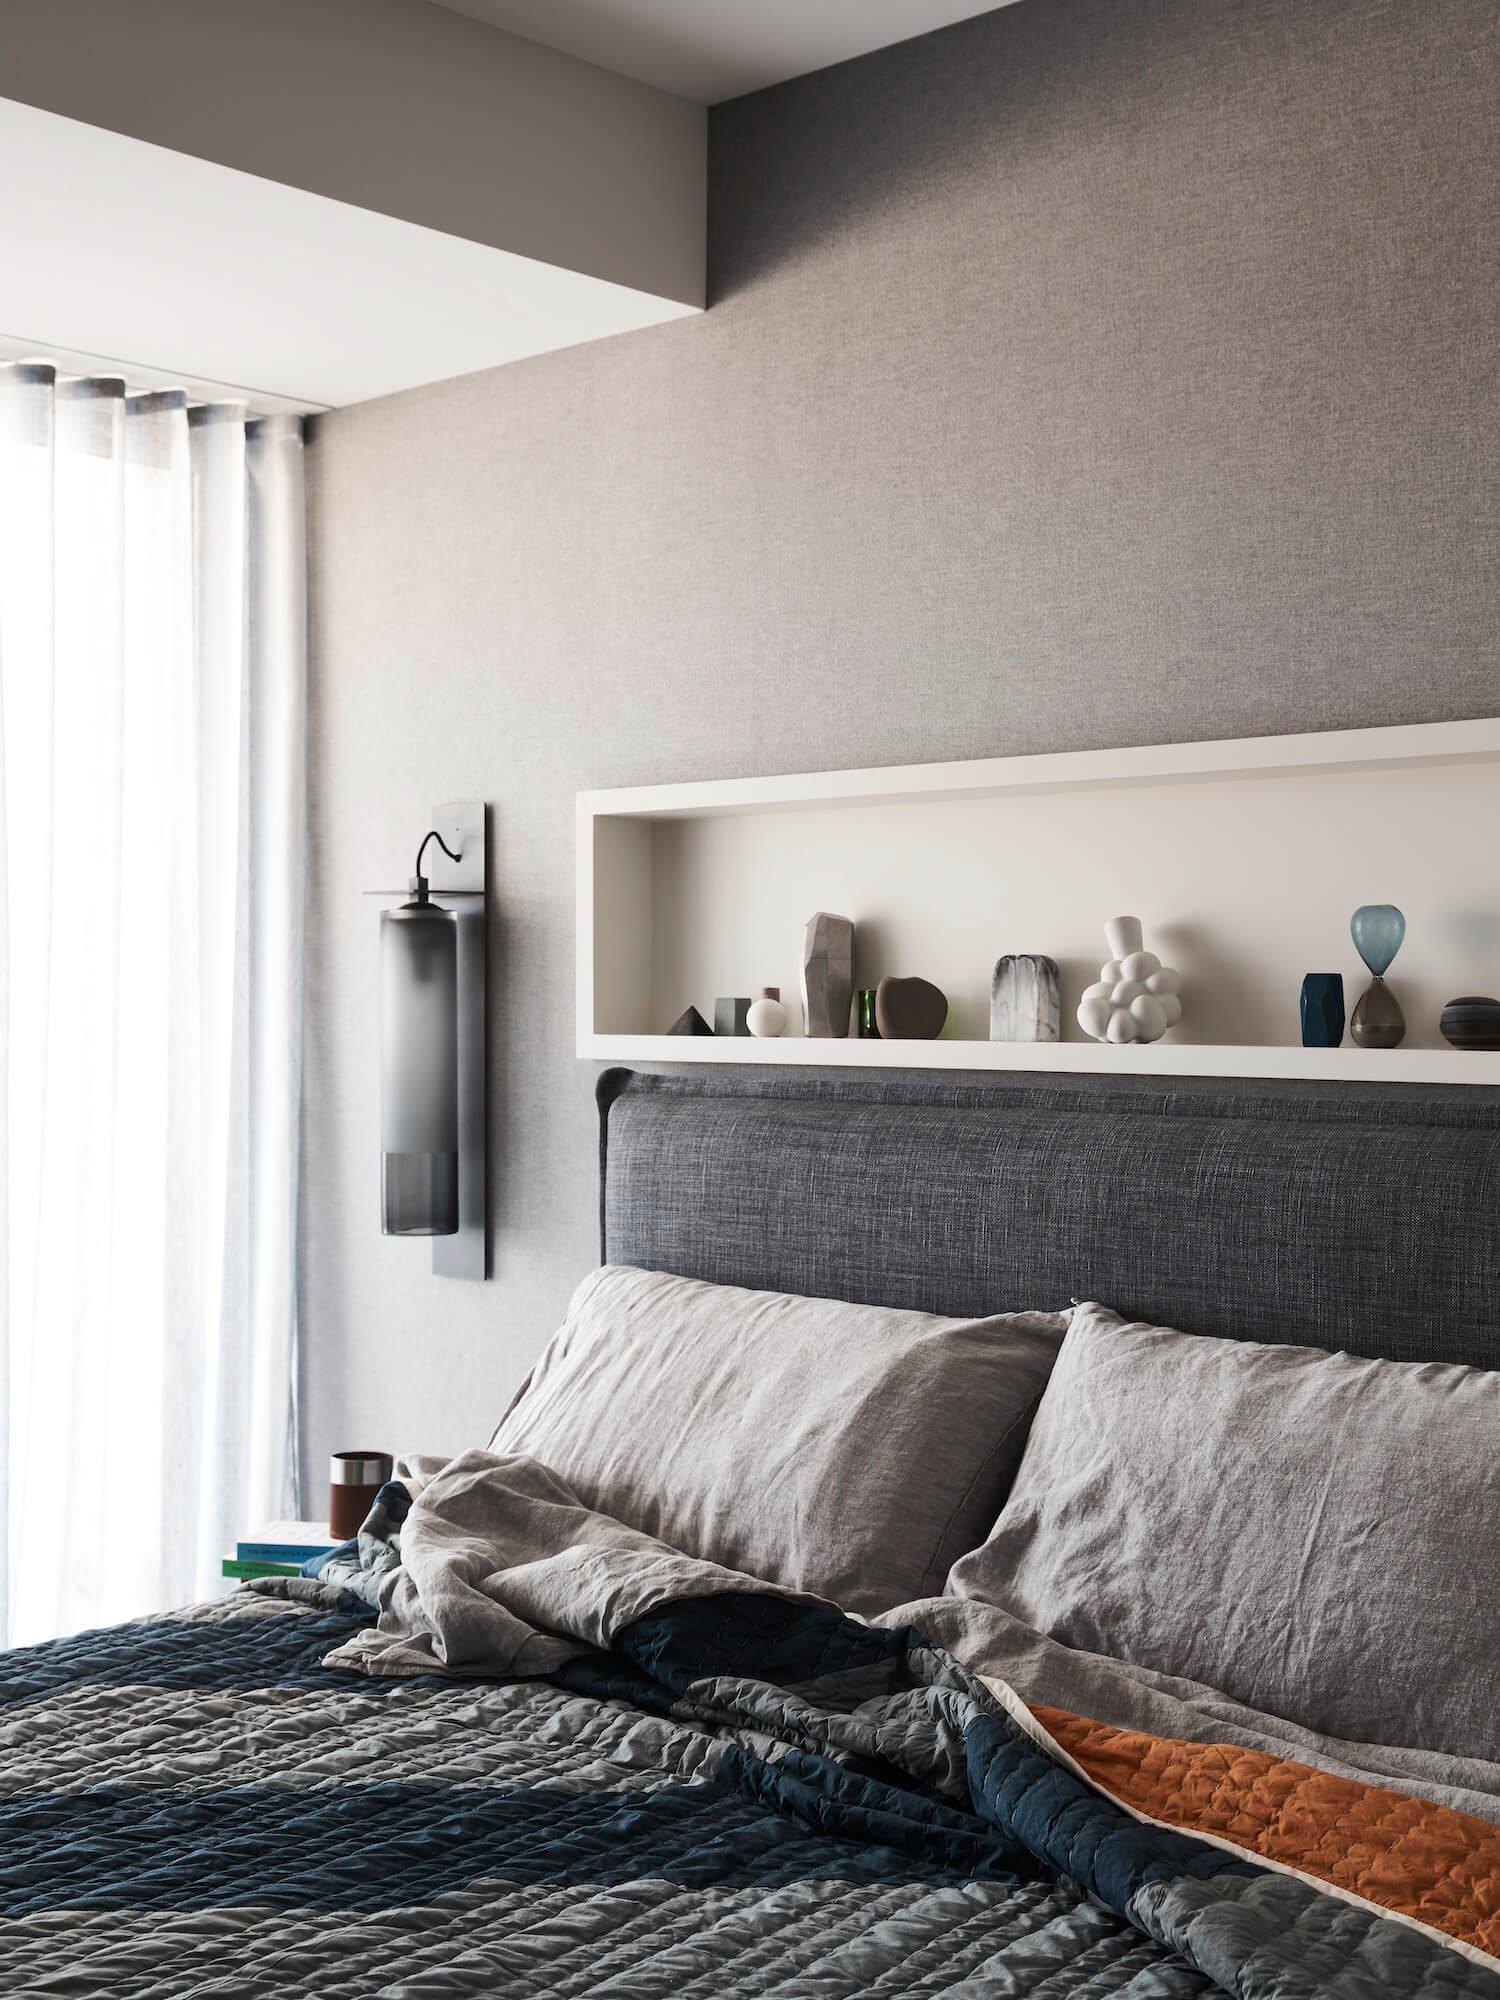 est living interview tom mark henry bondi residence 6